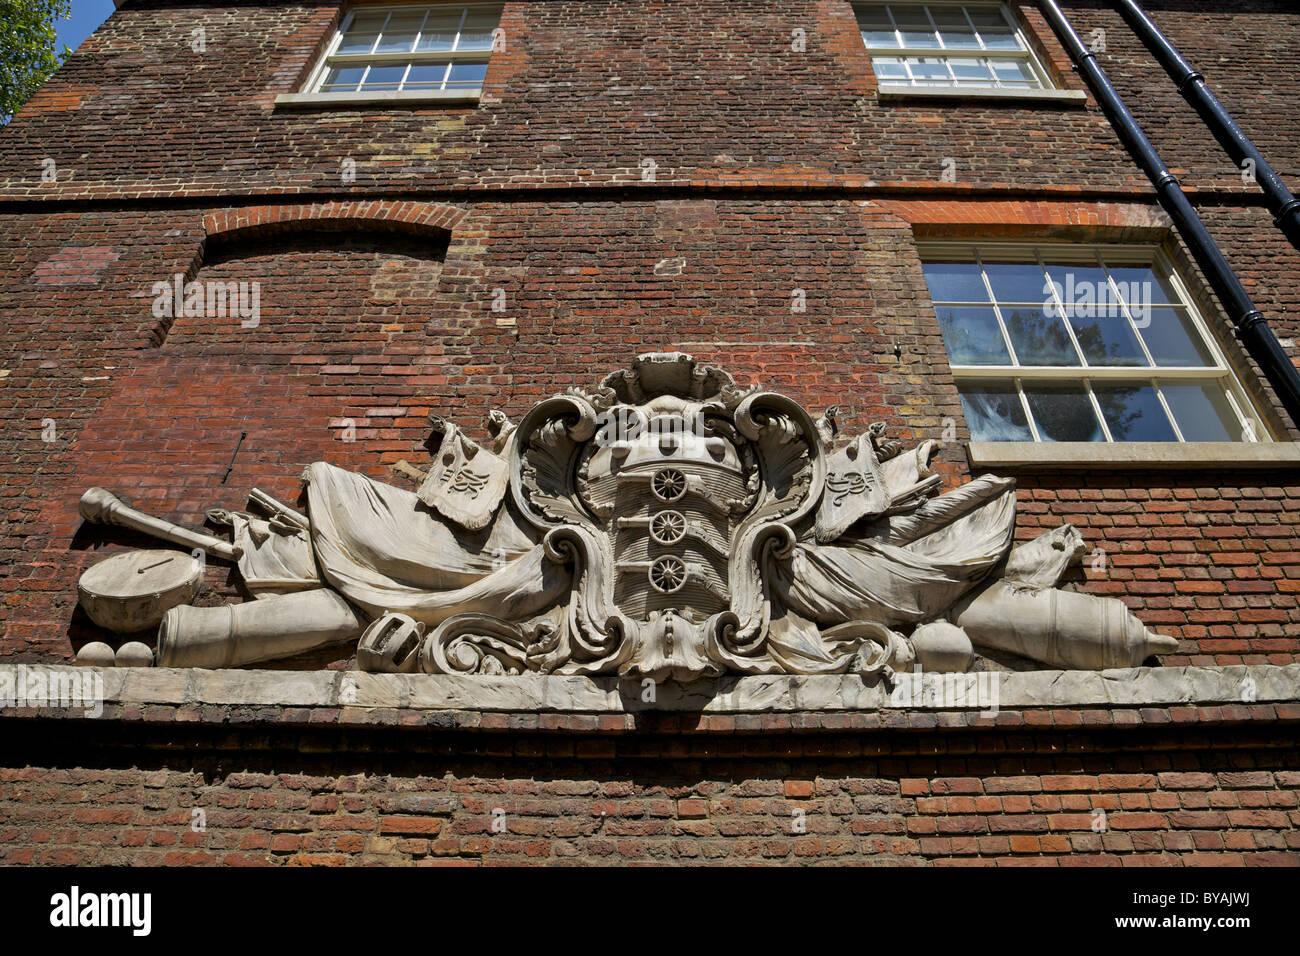 Escudo de armas del ejército Royal Ordnance corps en la Torre de Londres, Inglaterra Imagen De Stock